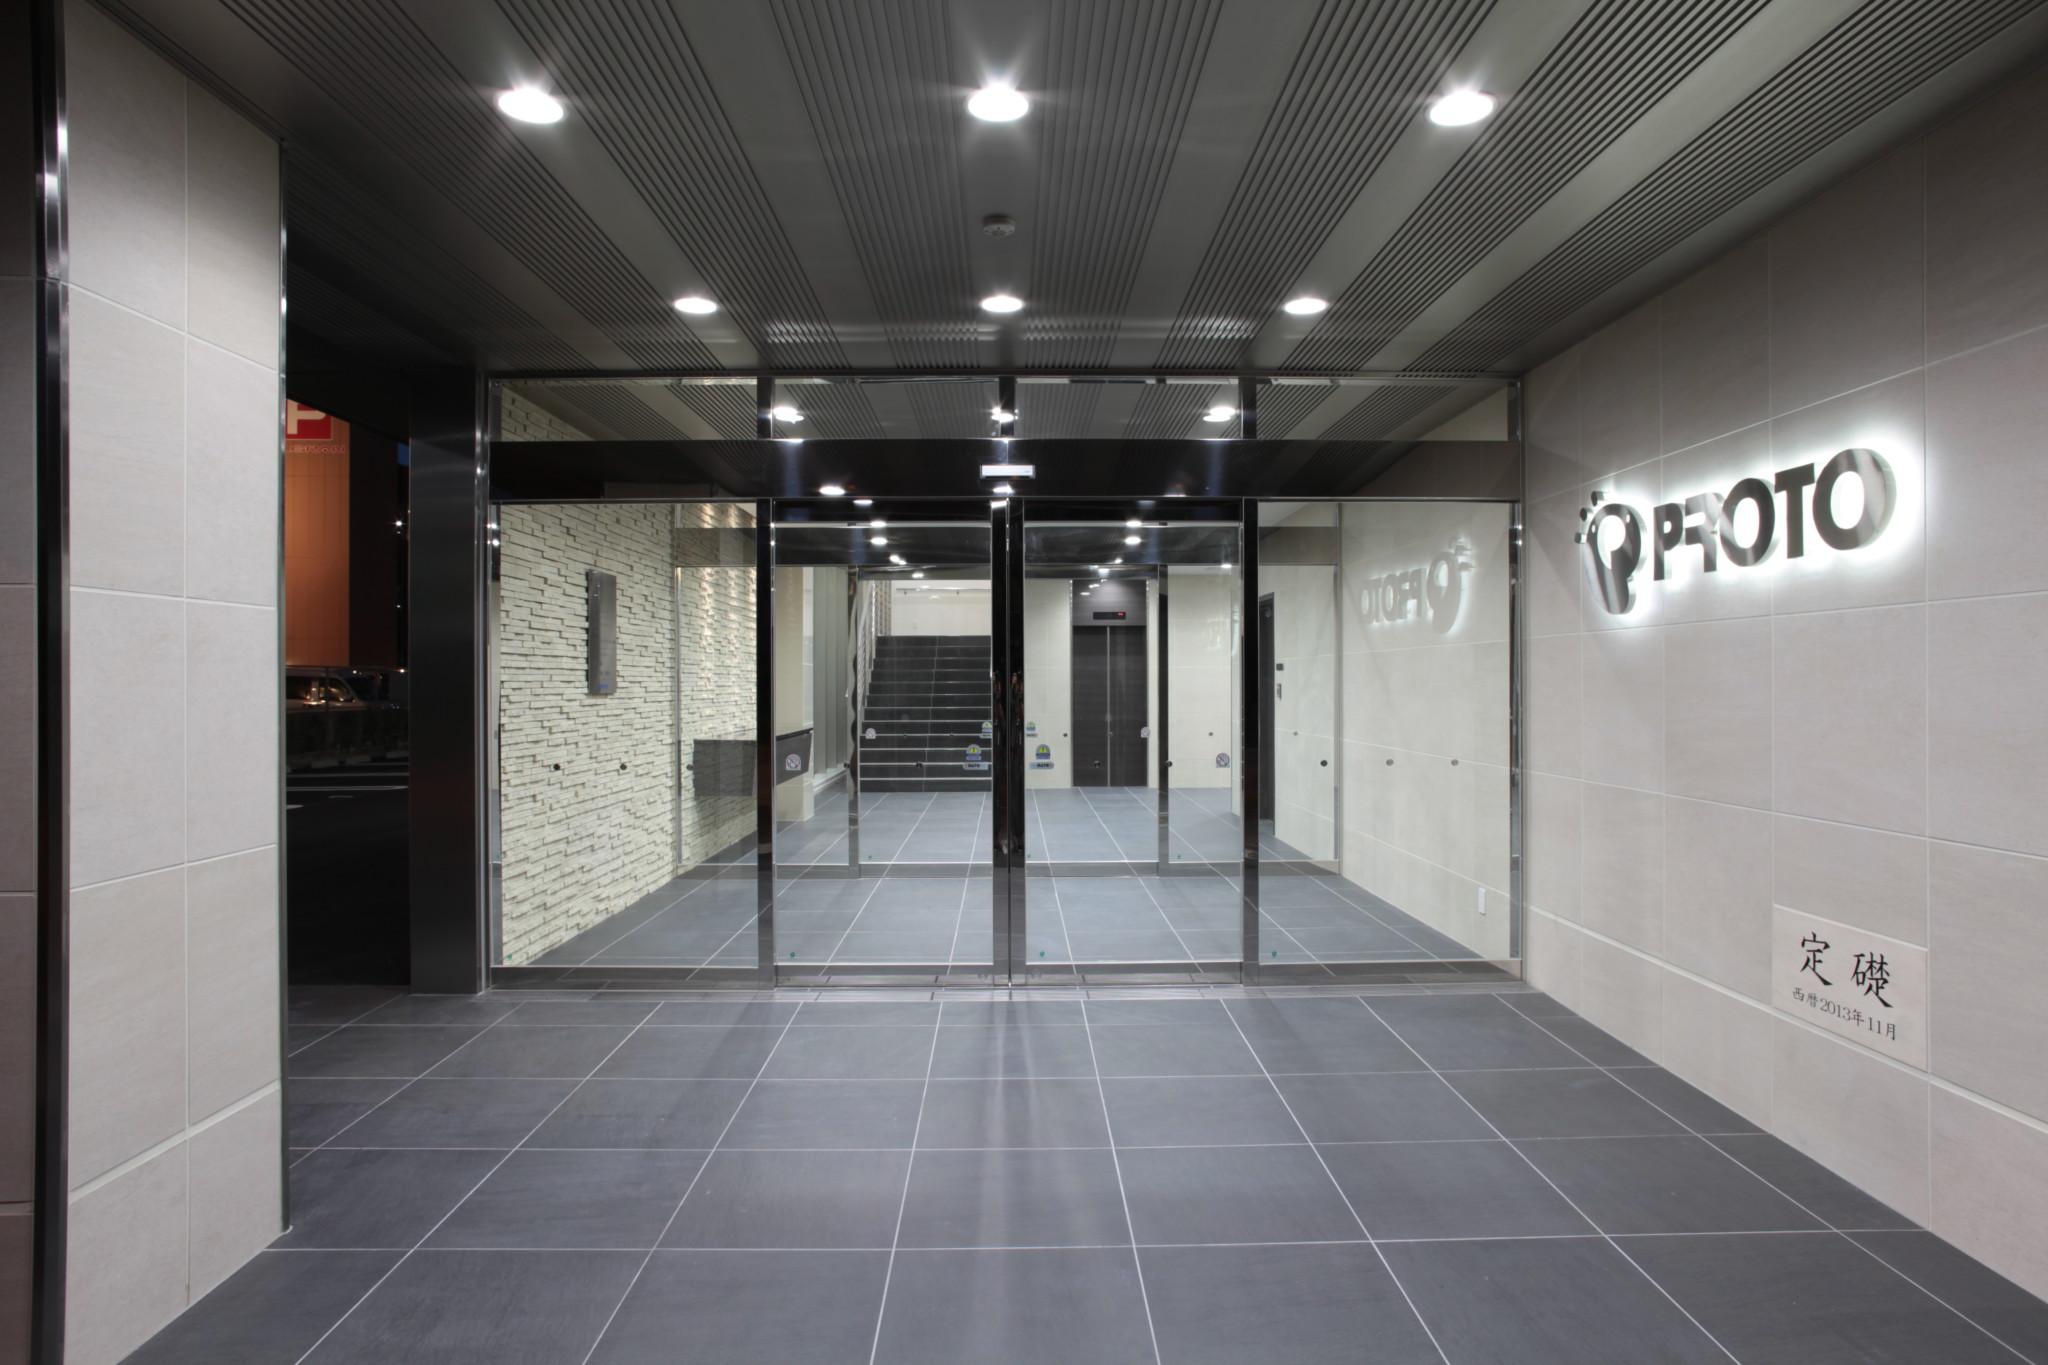 プロトデータセンター